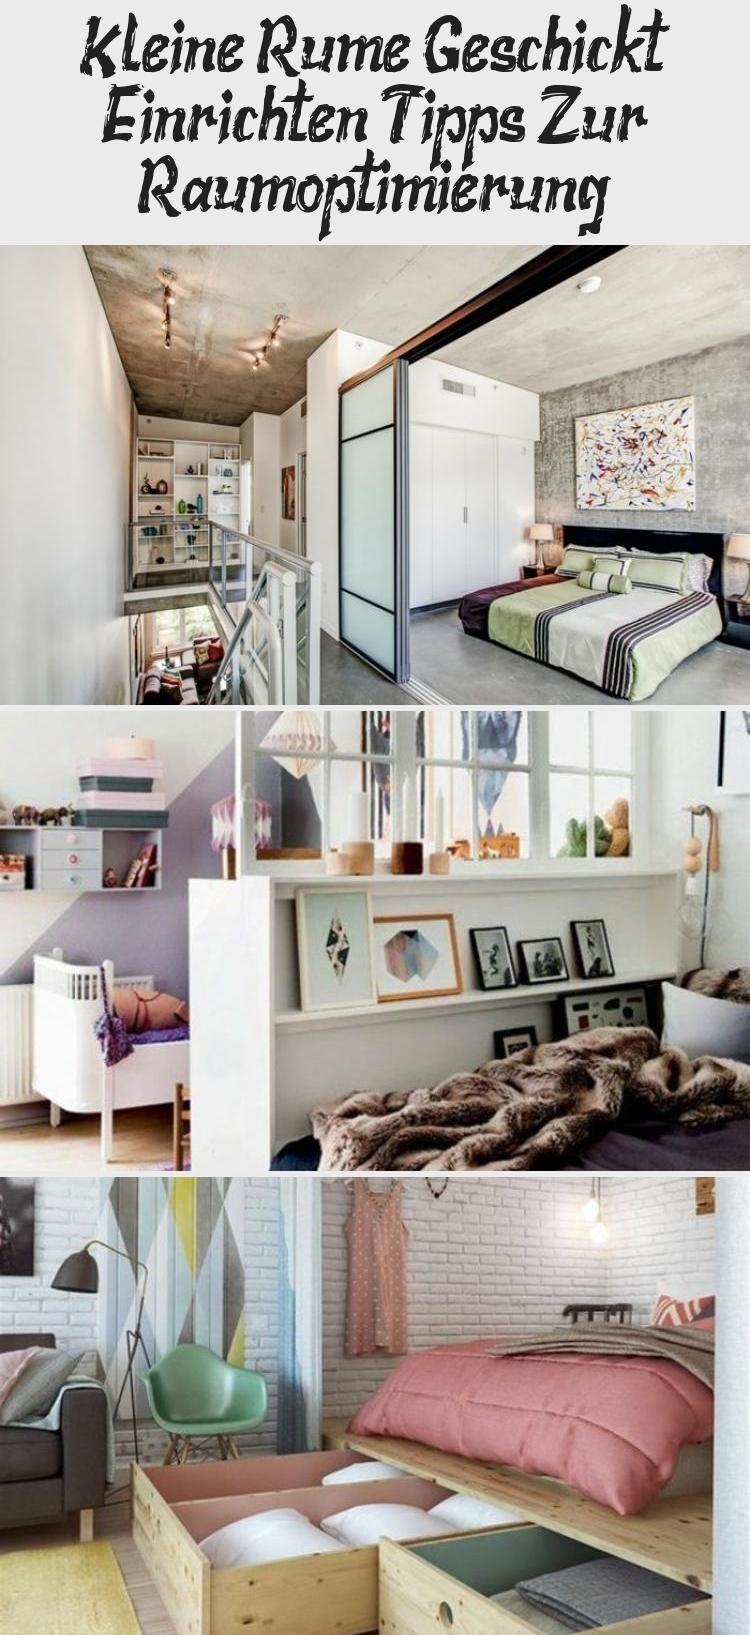 10 Qm Zimmer Einrichten Bett Mit Integriertem Kleiderschrank